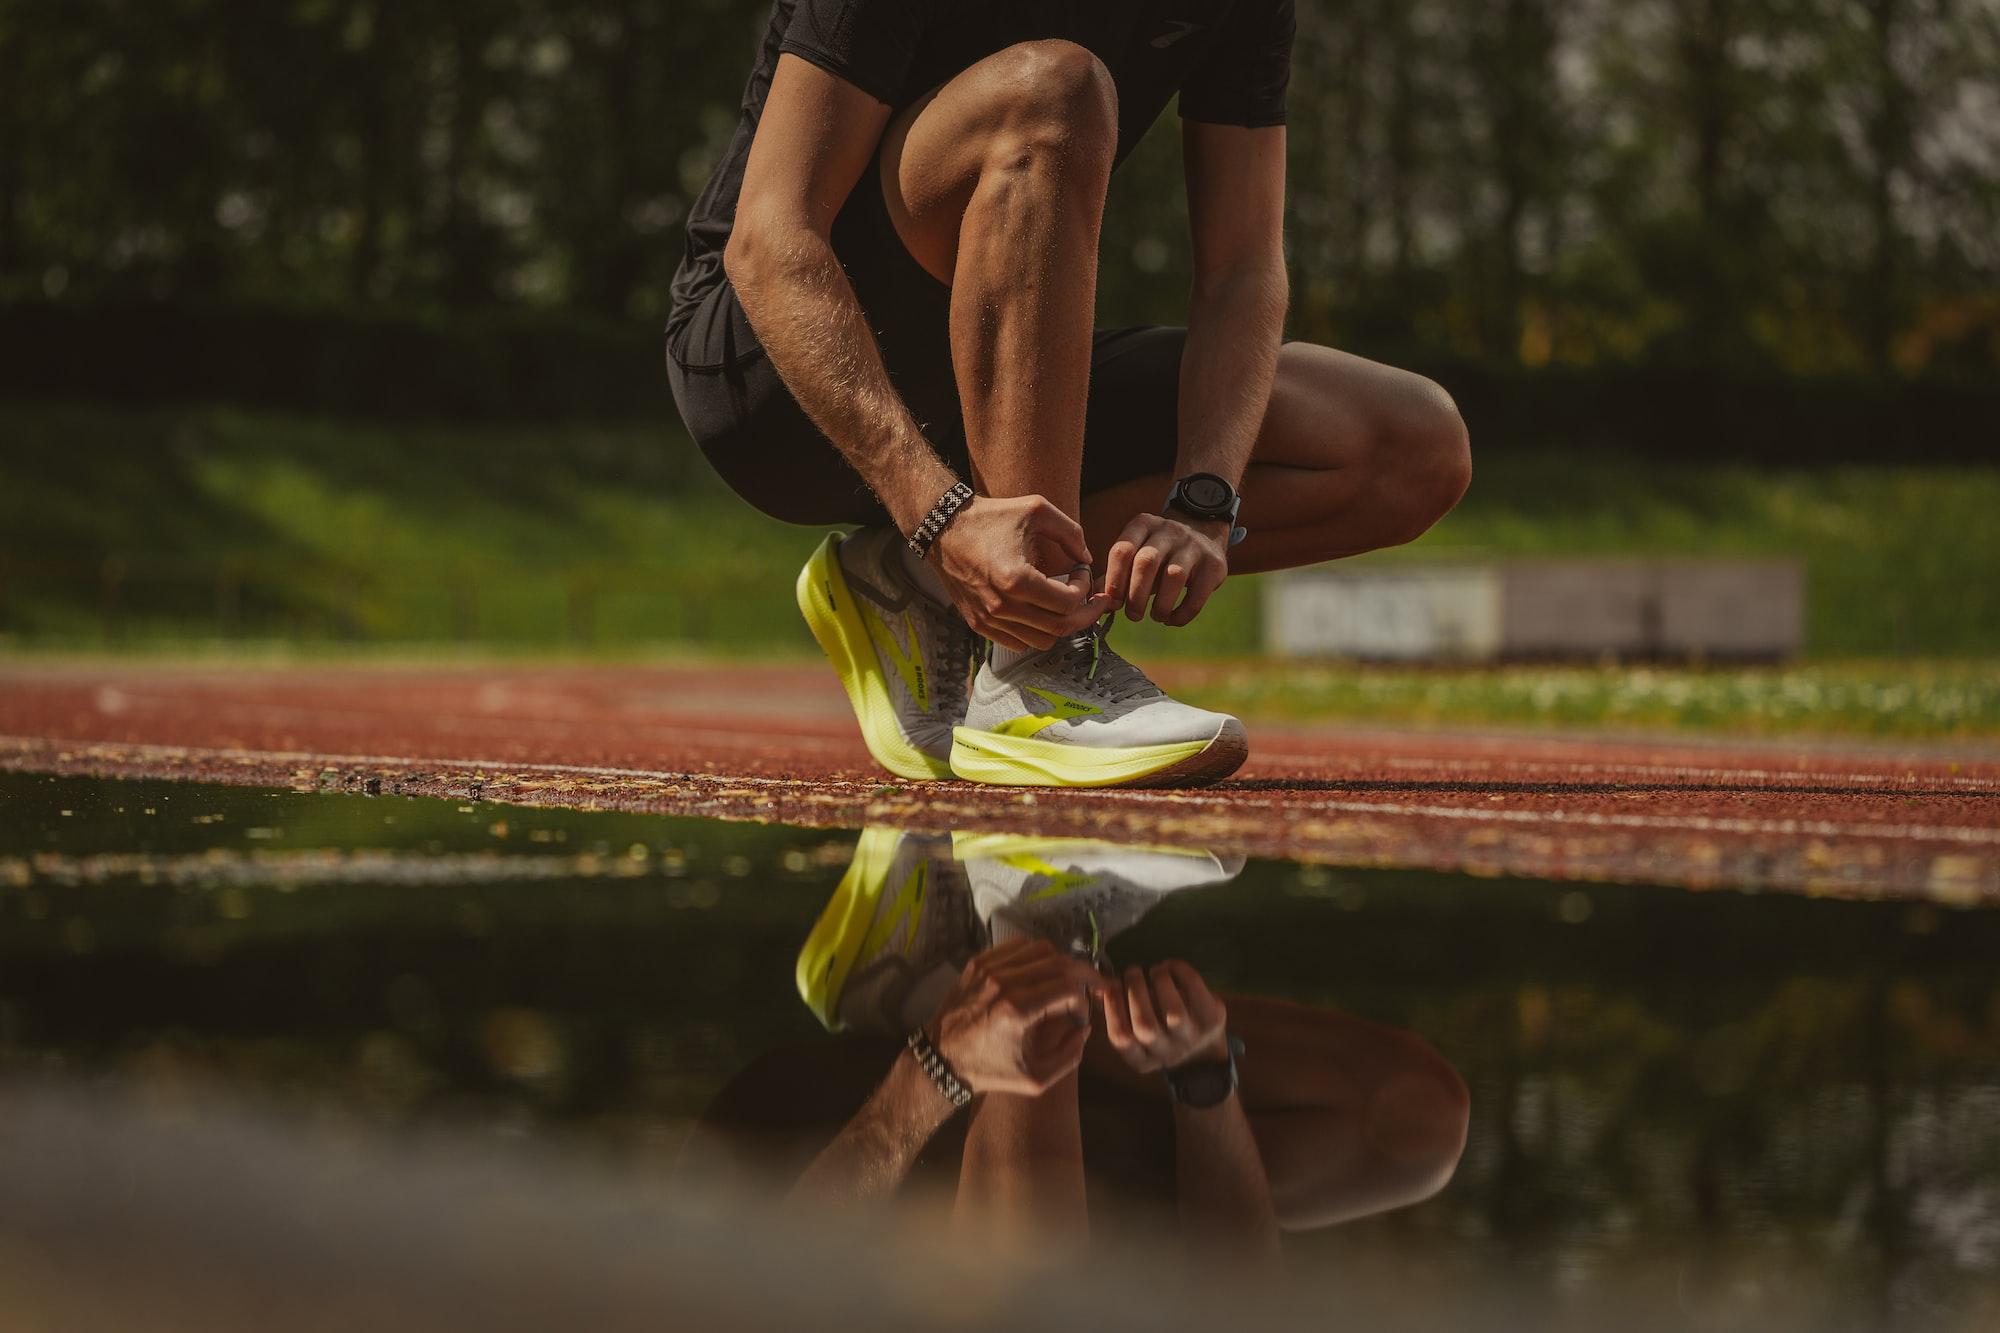 รองเท้า กับการวิ่งคุมโซนหัวใจ